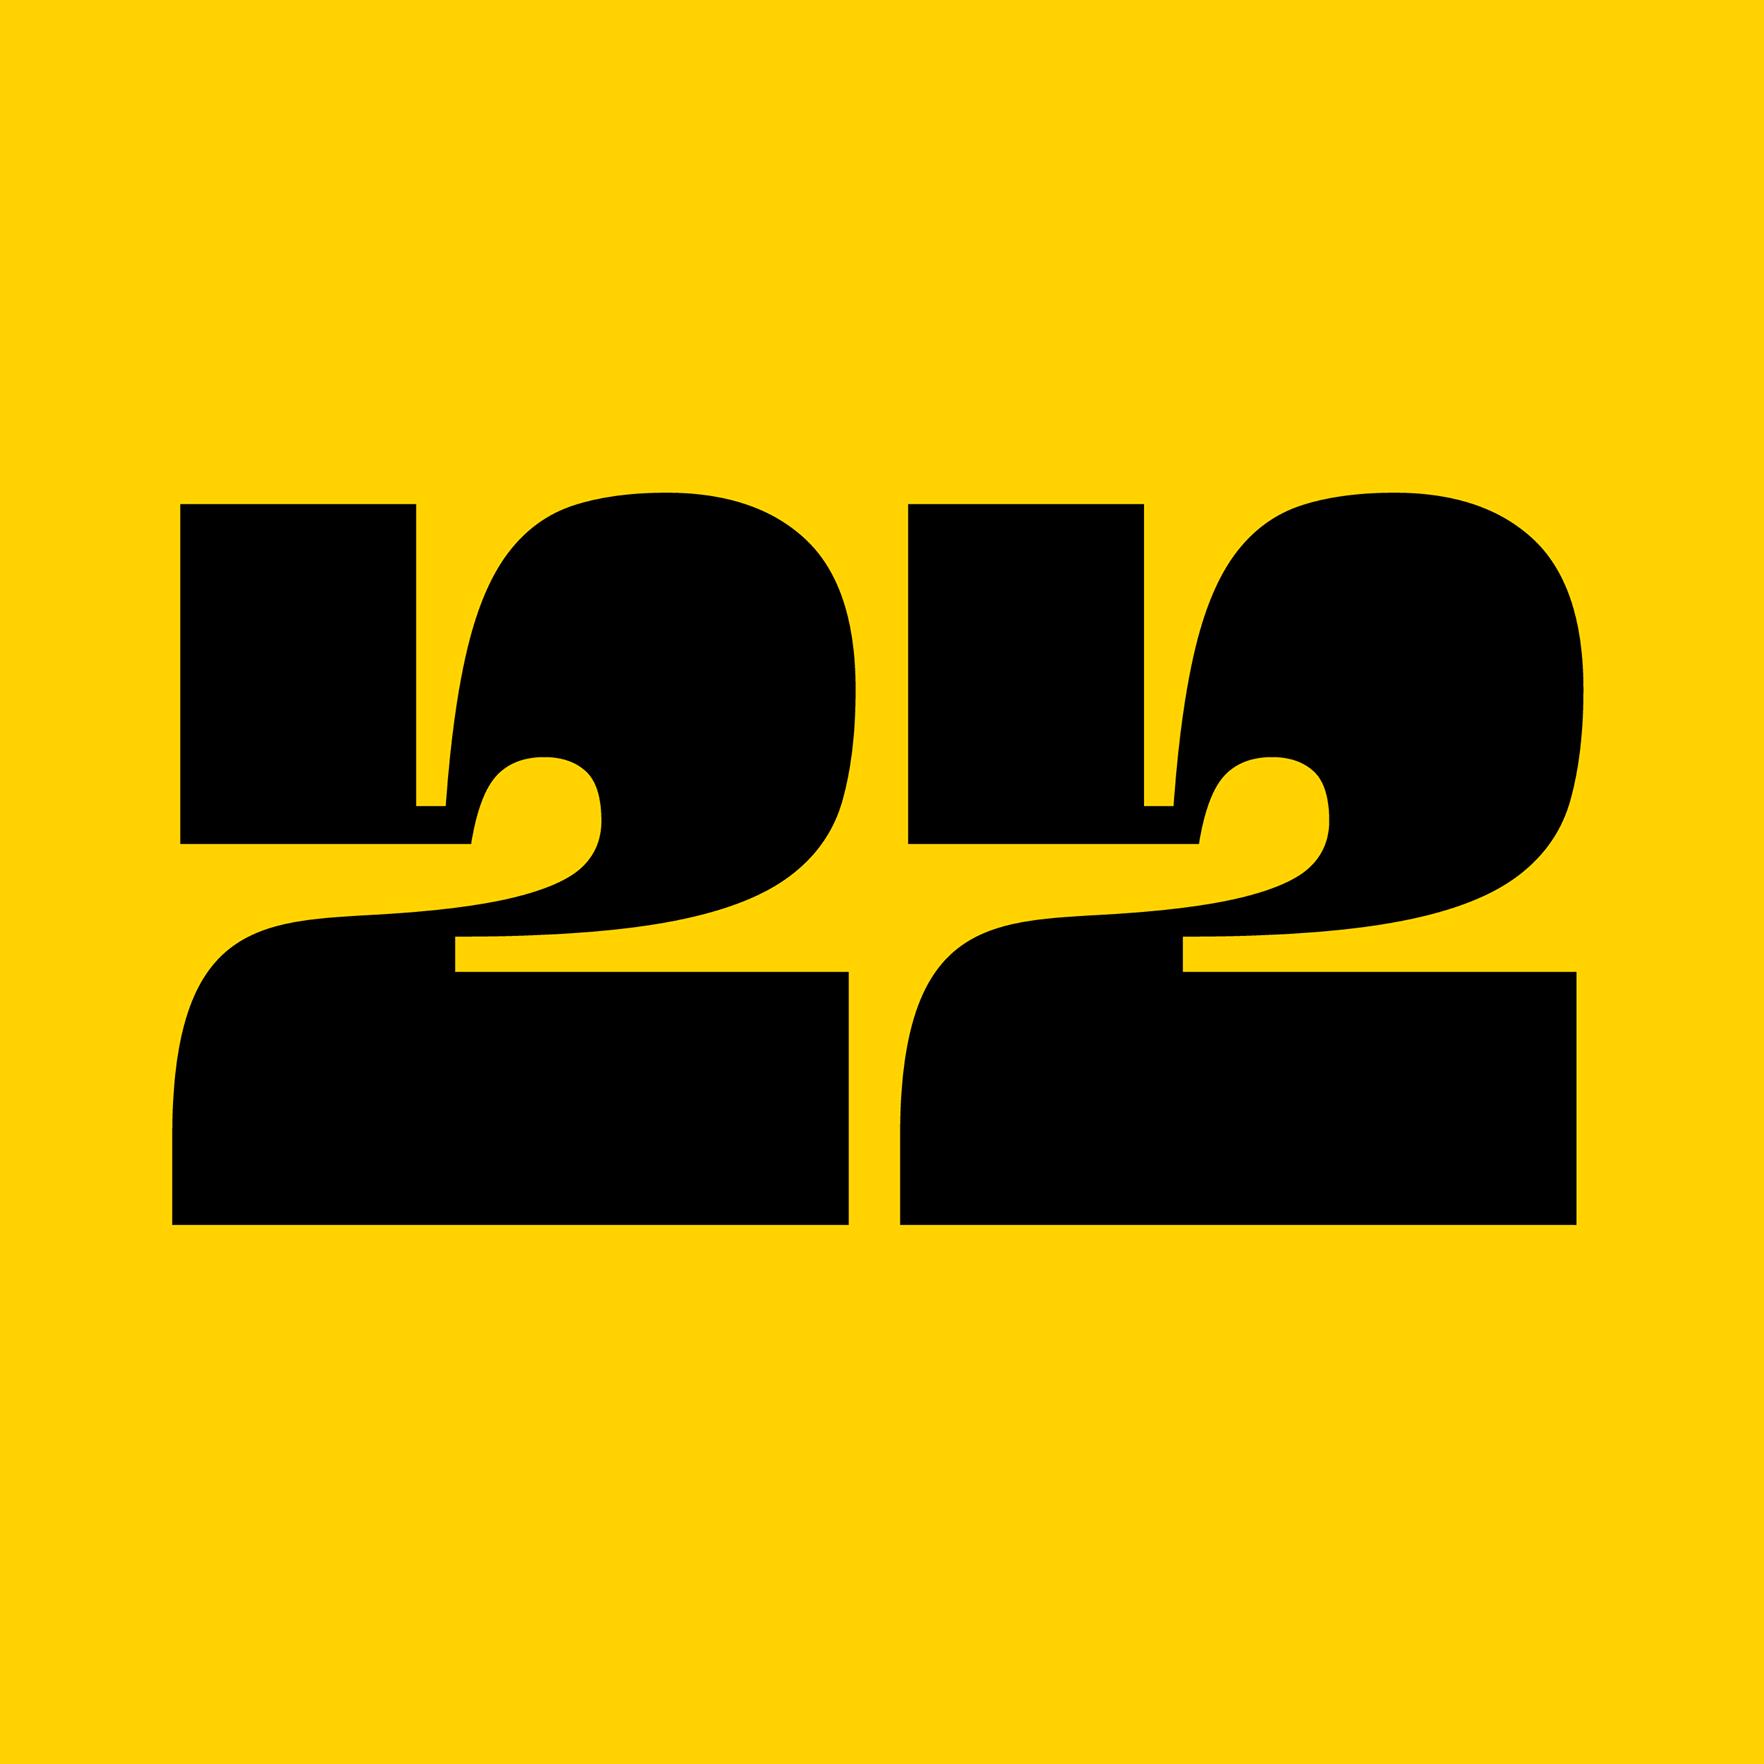 Logo_vinho_22_2